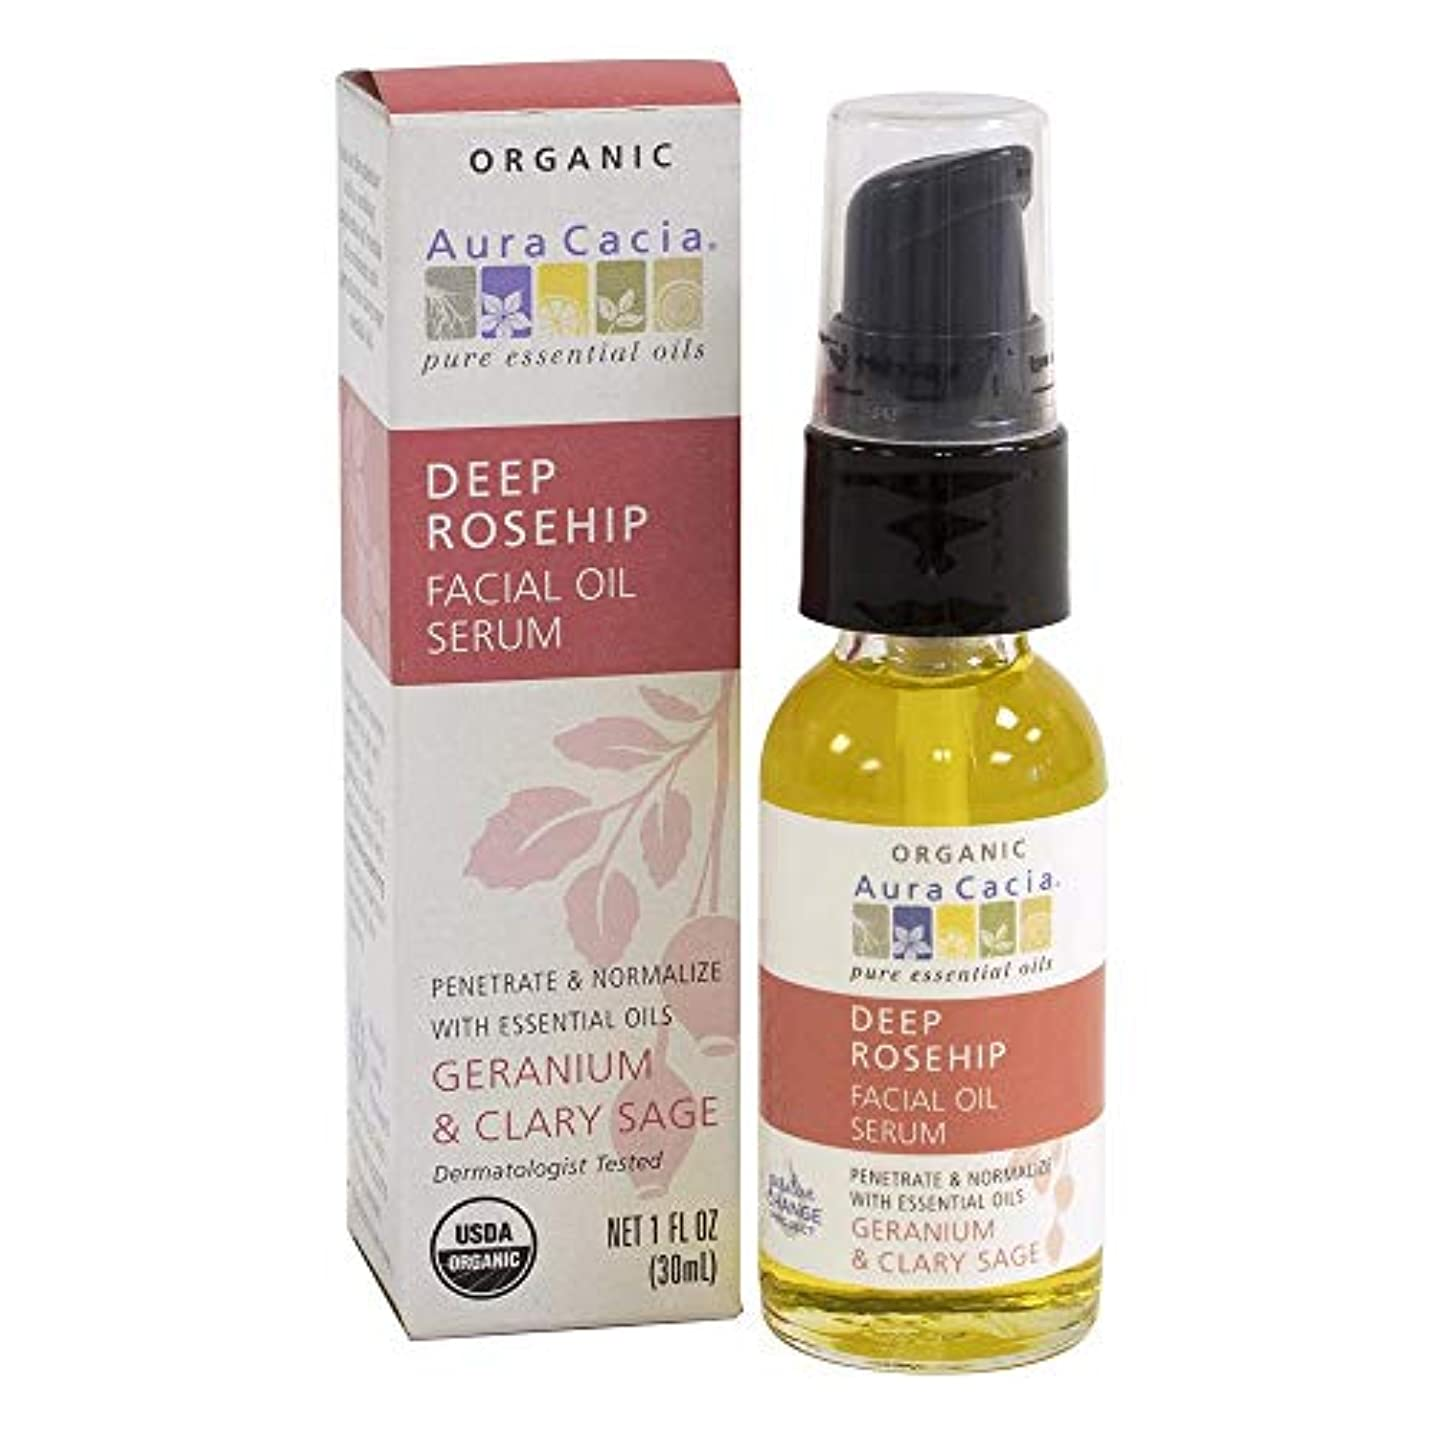 ティーンエイジャー検索エンジン最適化正気Aura Cacia, Organic Deep Rosehip Essentials Facial Oil Serum, Geranium & Clary Sage, 1 fl oz (30 ml)